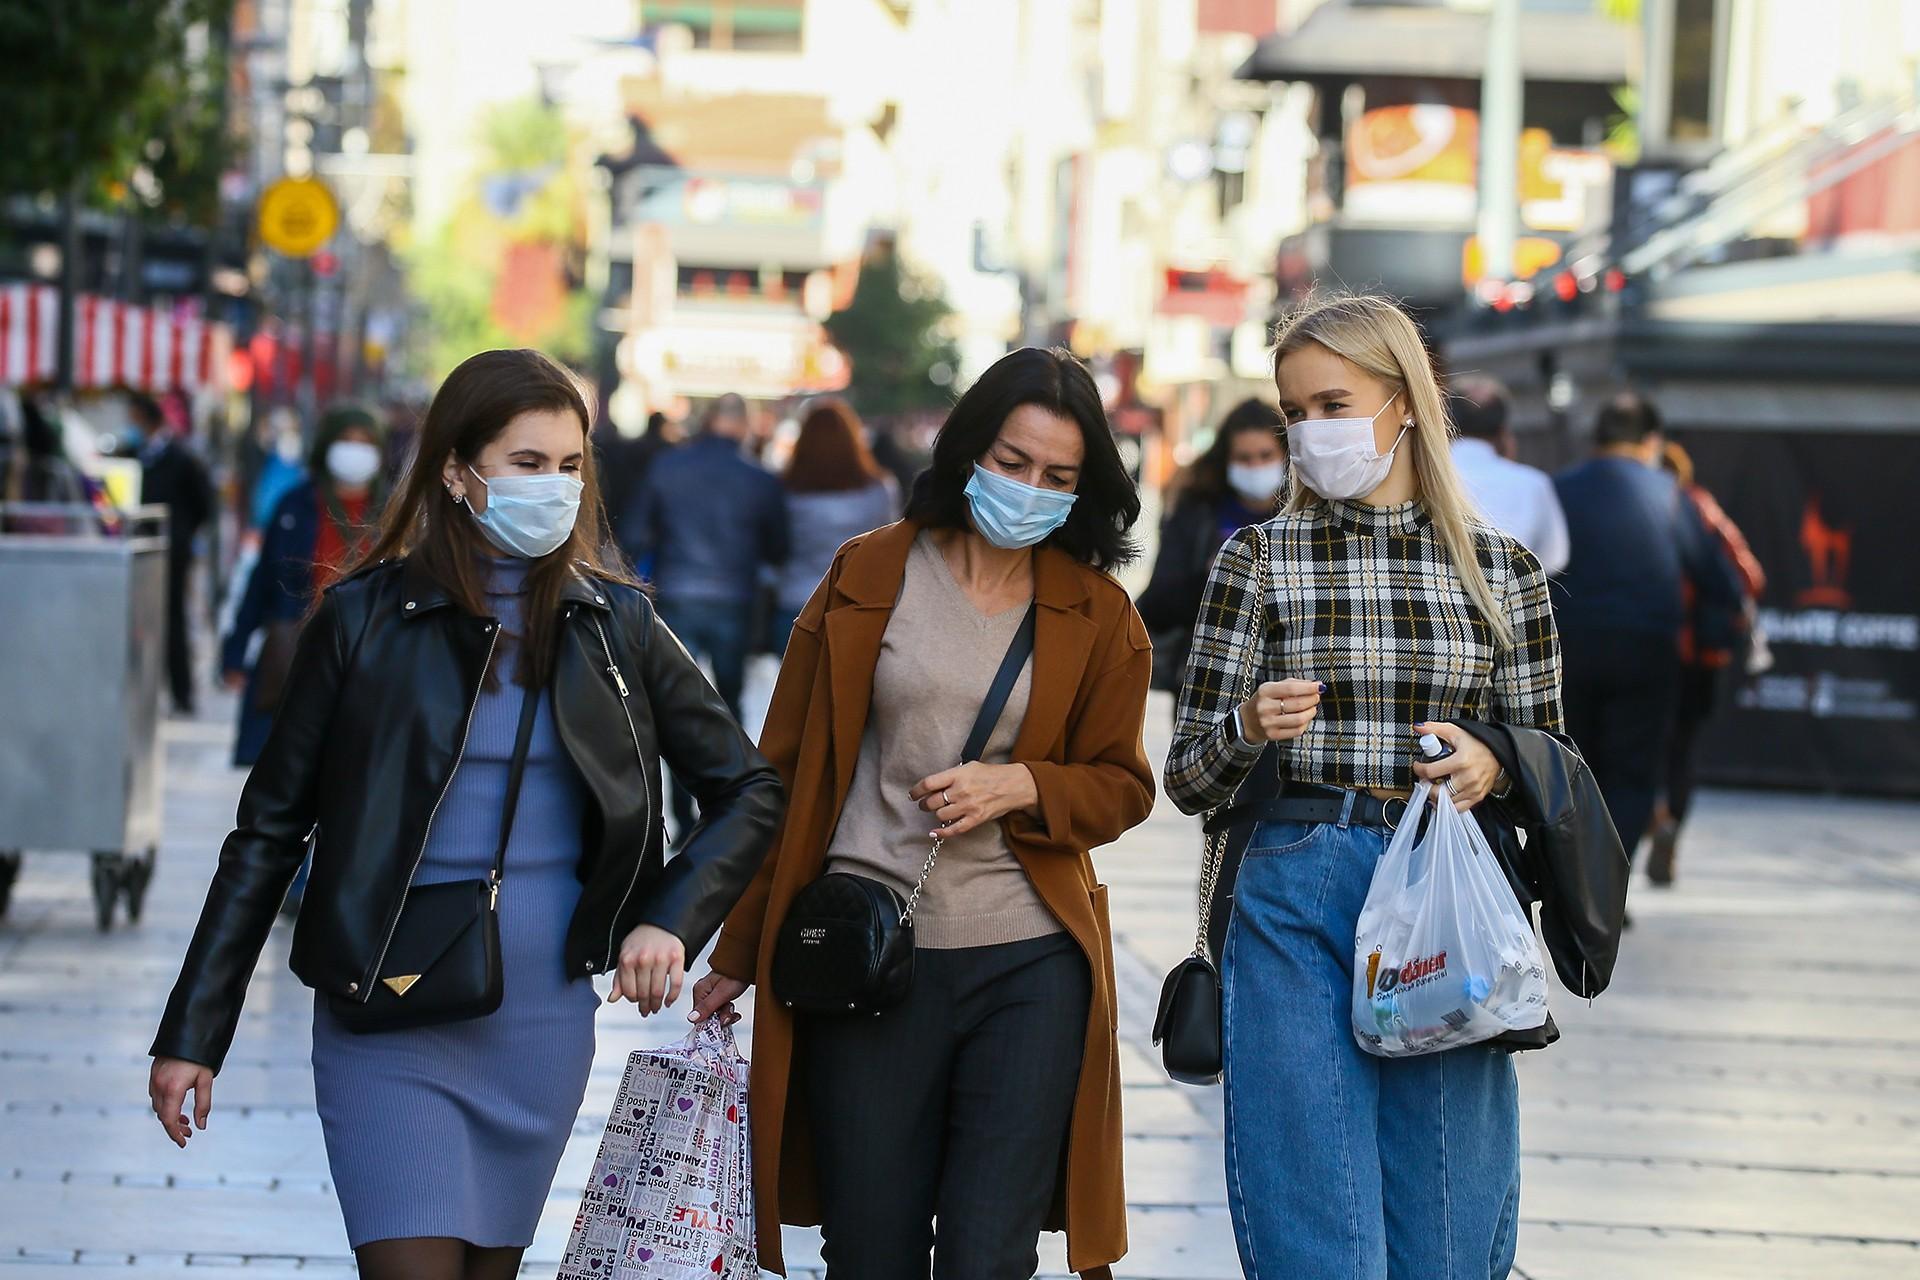 Türkiye'de son 24 saatte 206 kişi daha koronavirüs nedeniyle yaşamını yitirdi